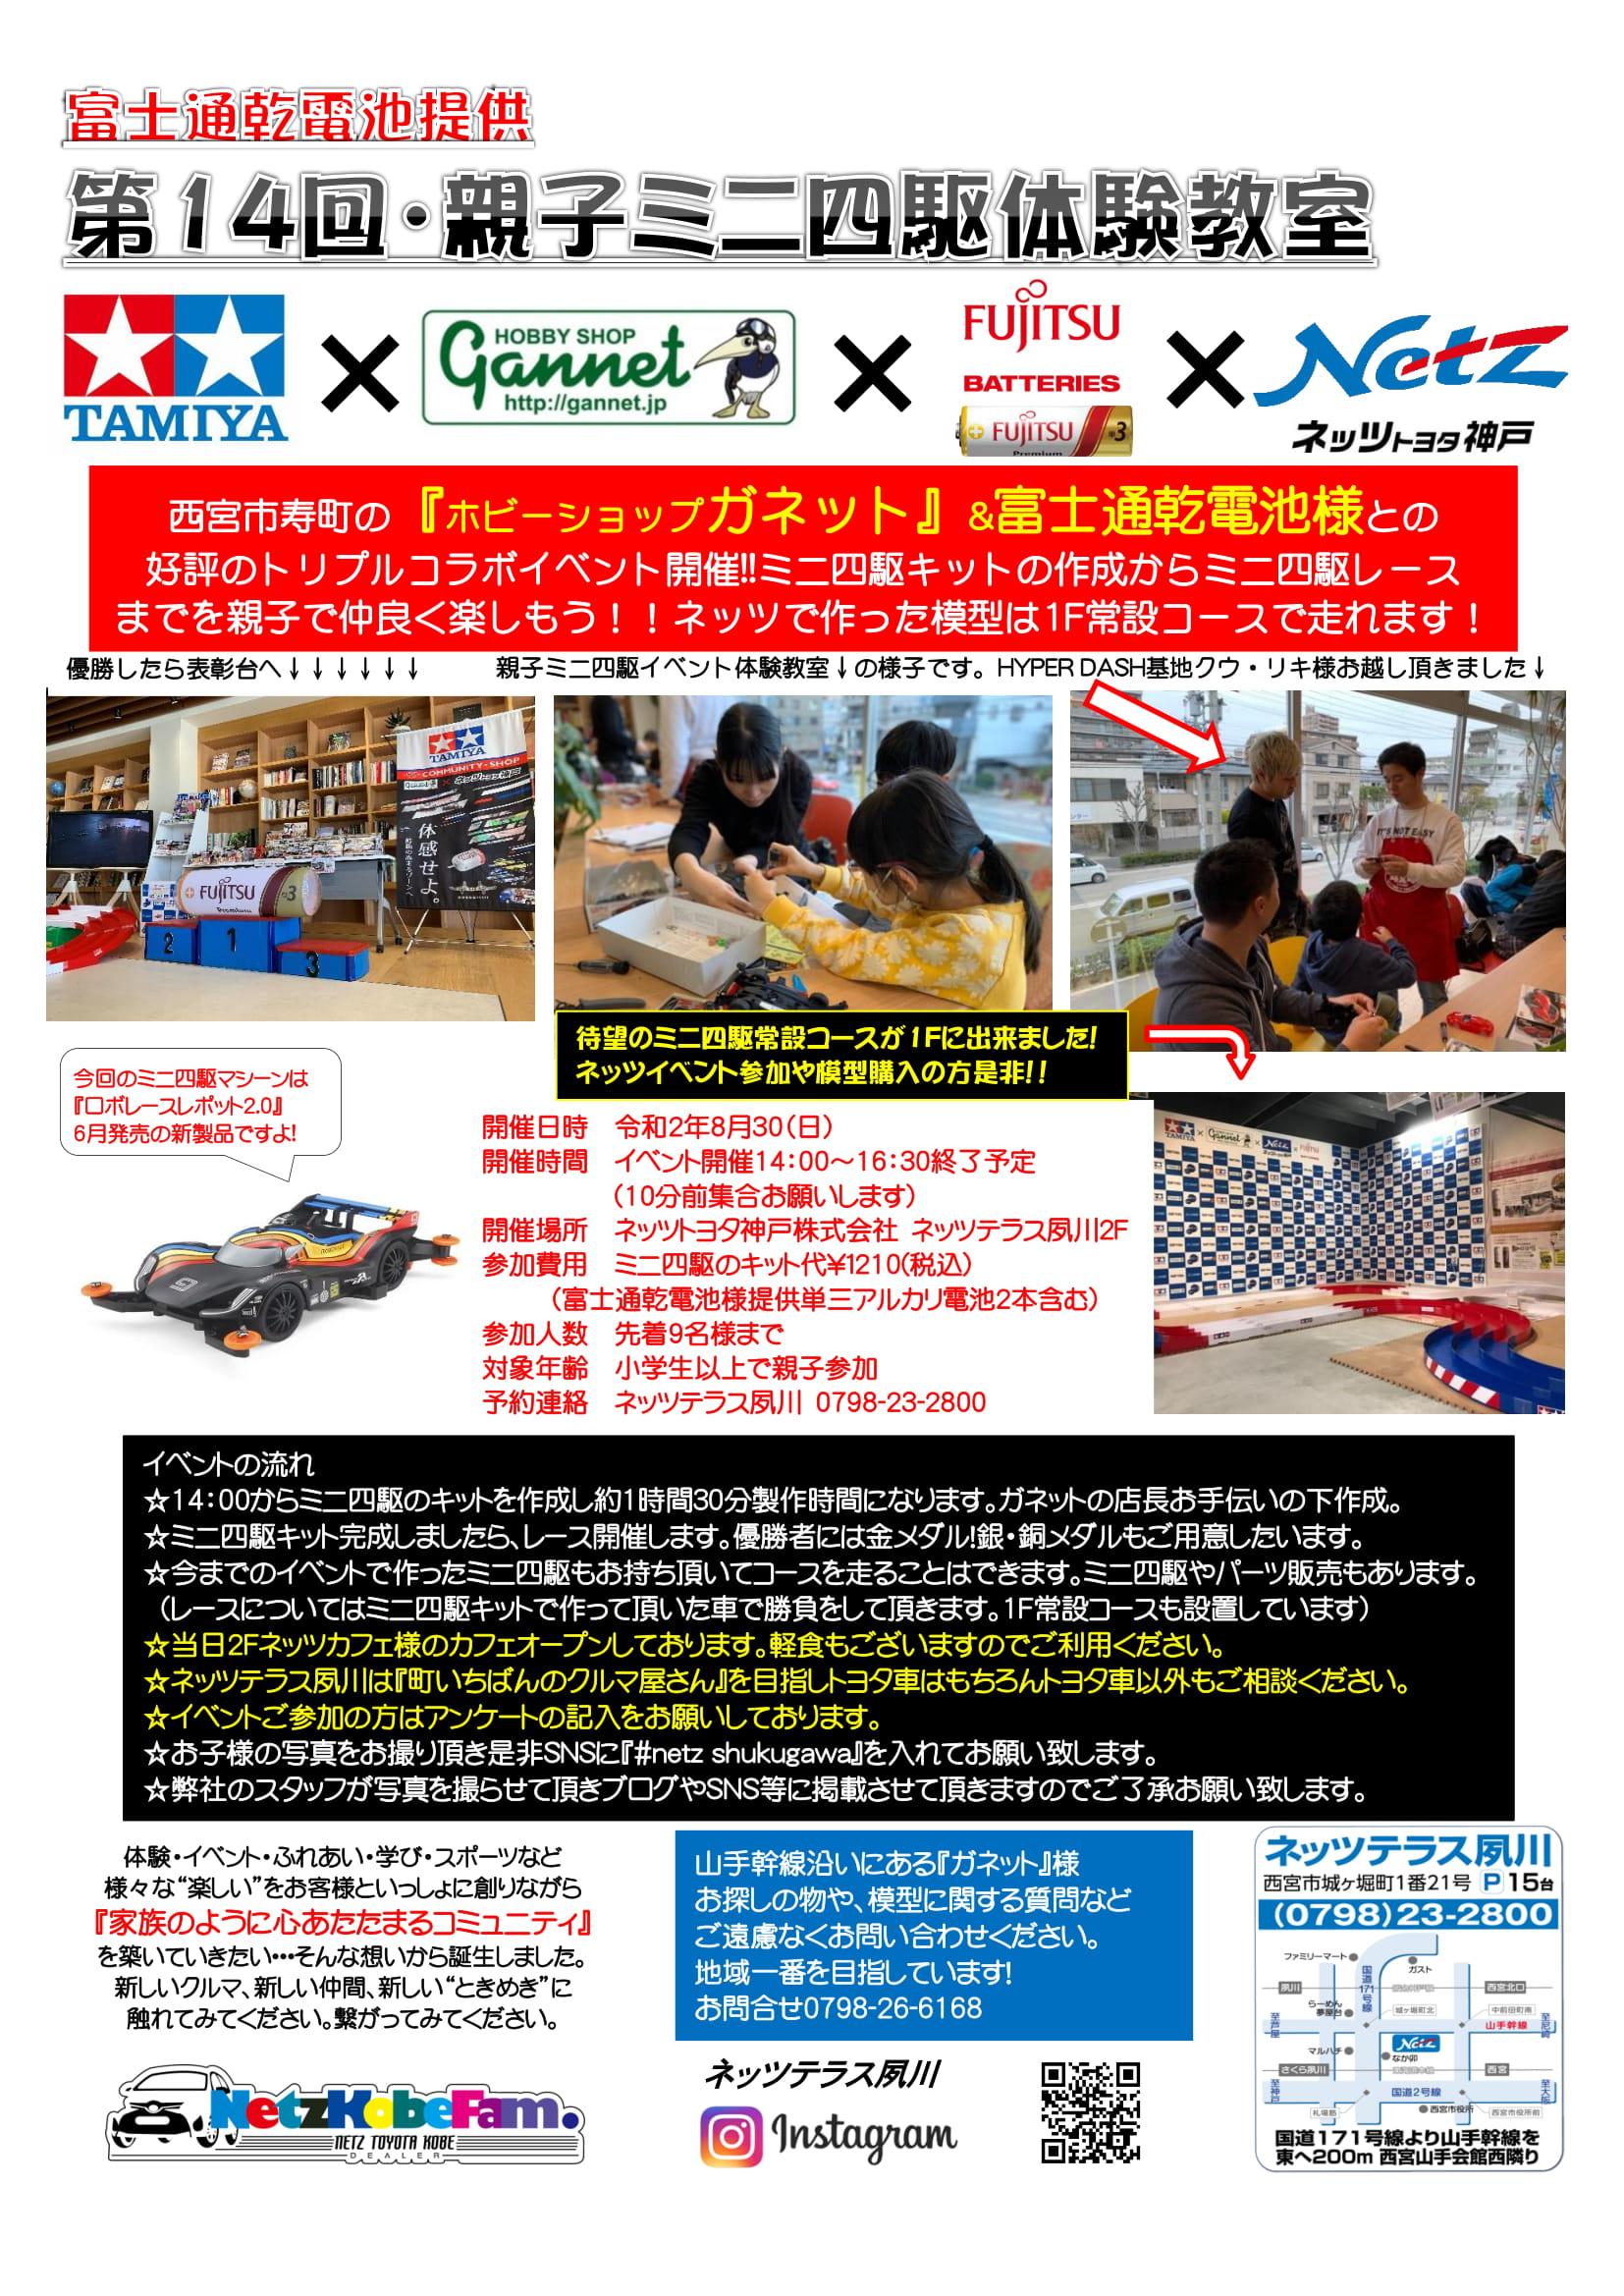 親子ミニ四駆体験イベント(ネッツテラス夙川)